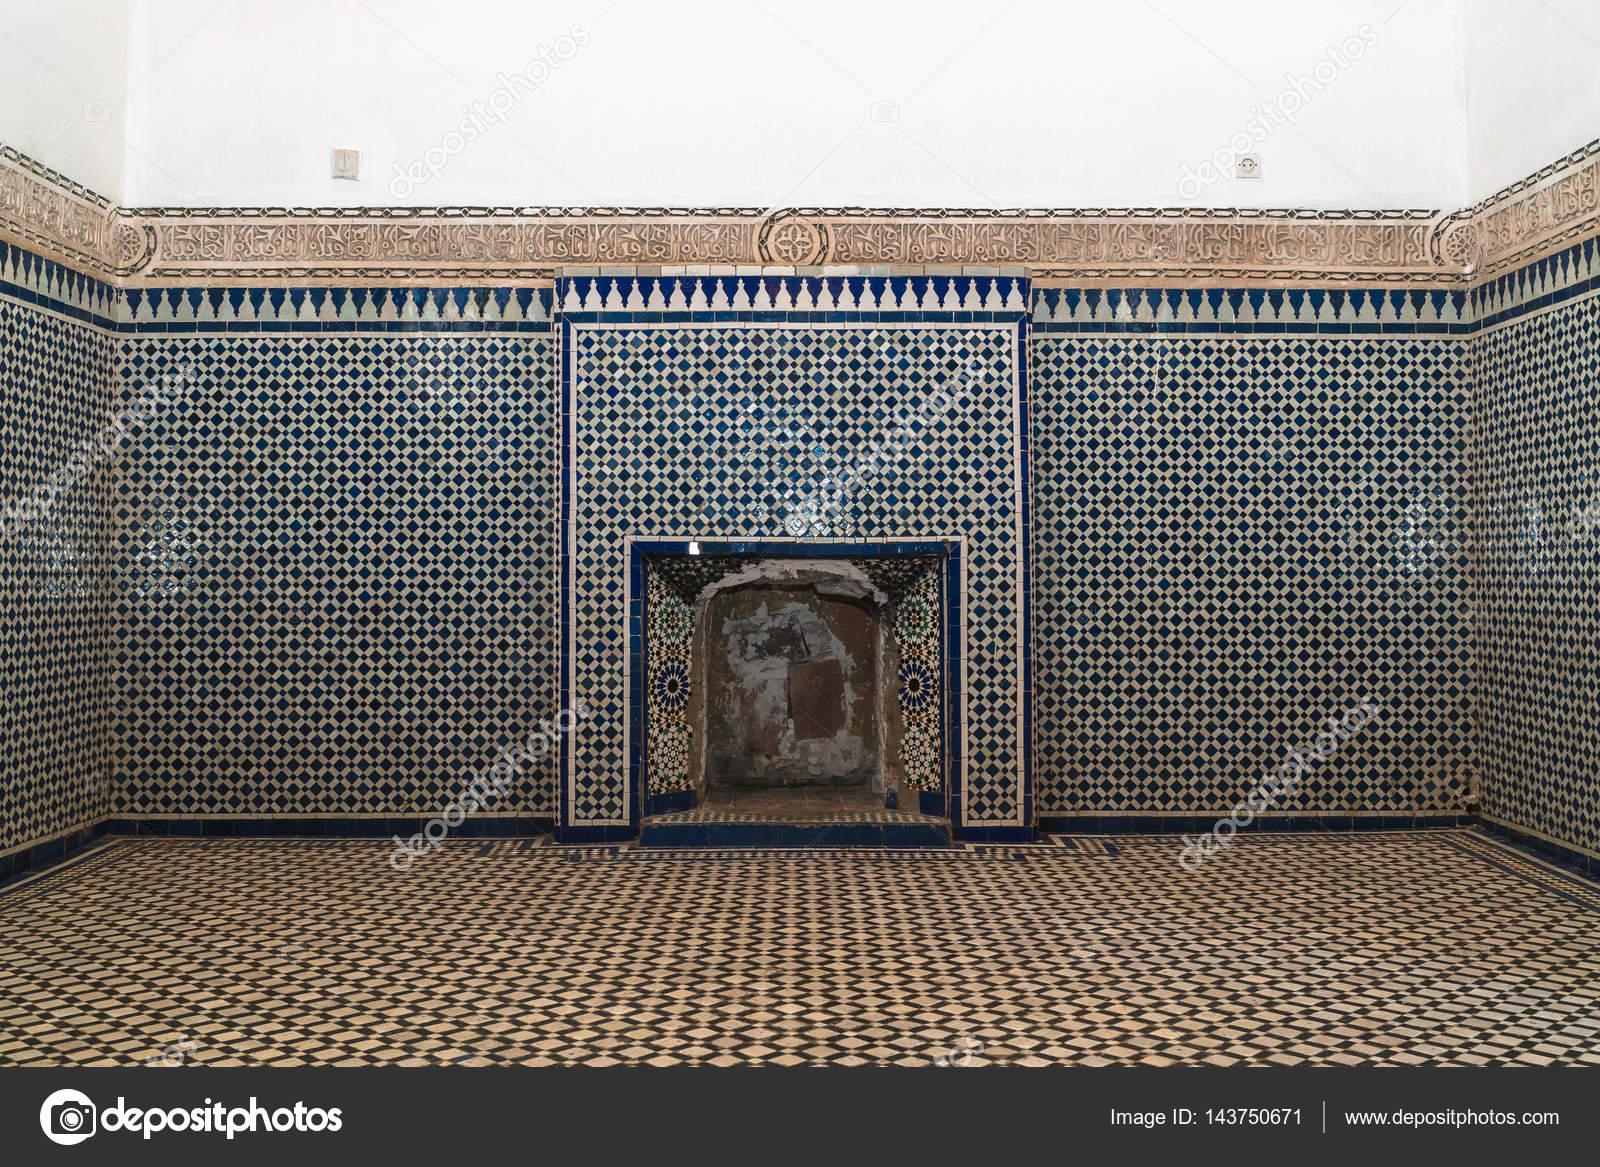 Fatto a mano mosaico marocchino in bahia palace marrakech marocco